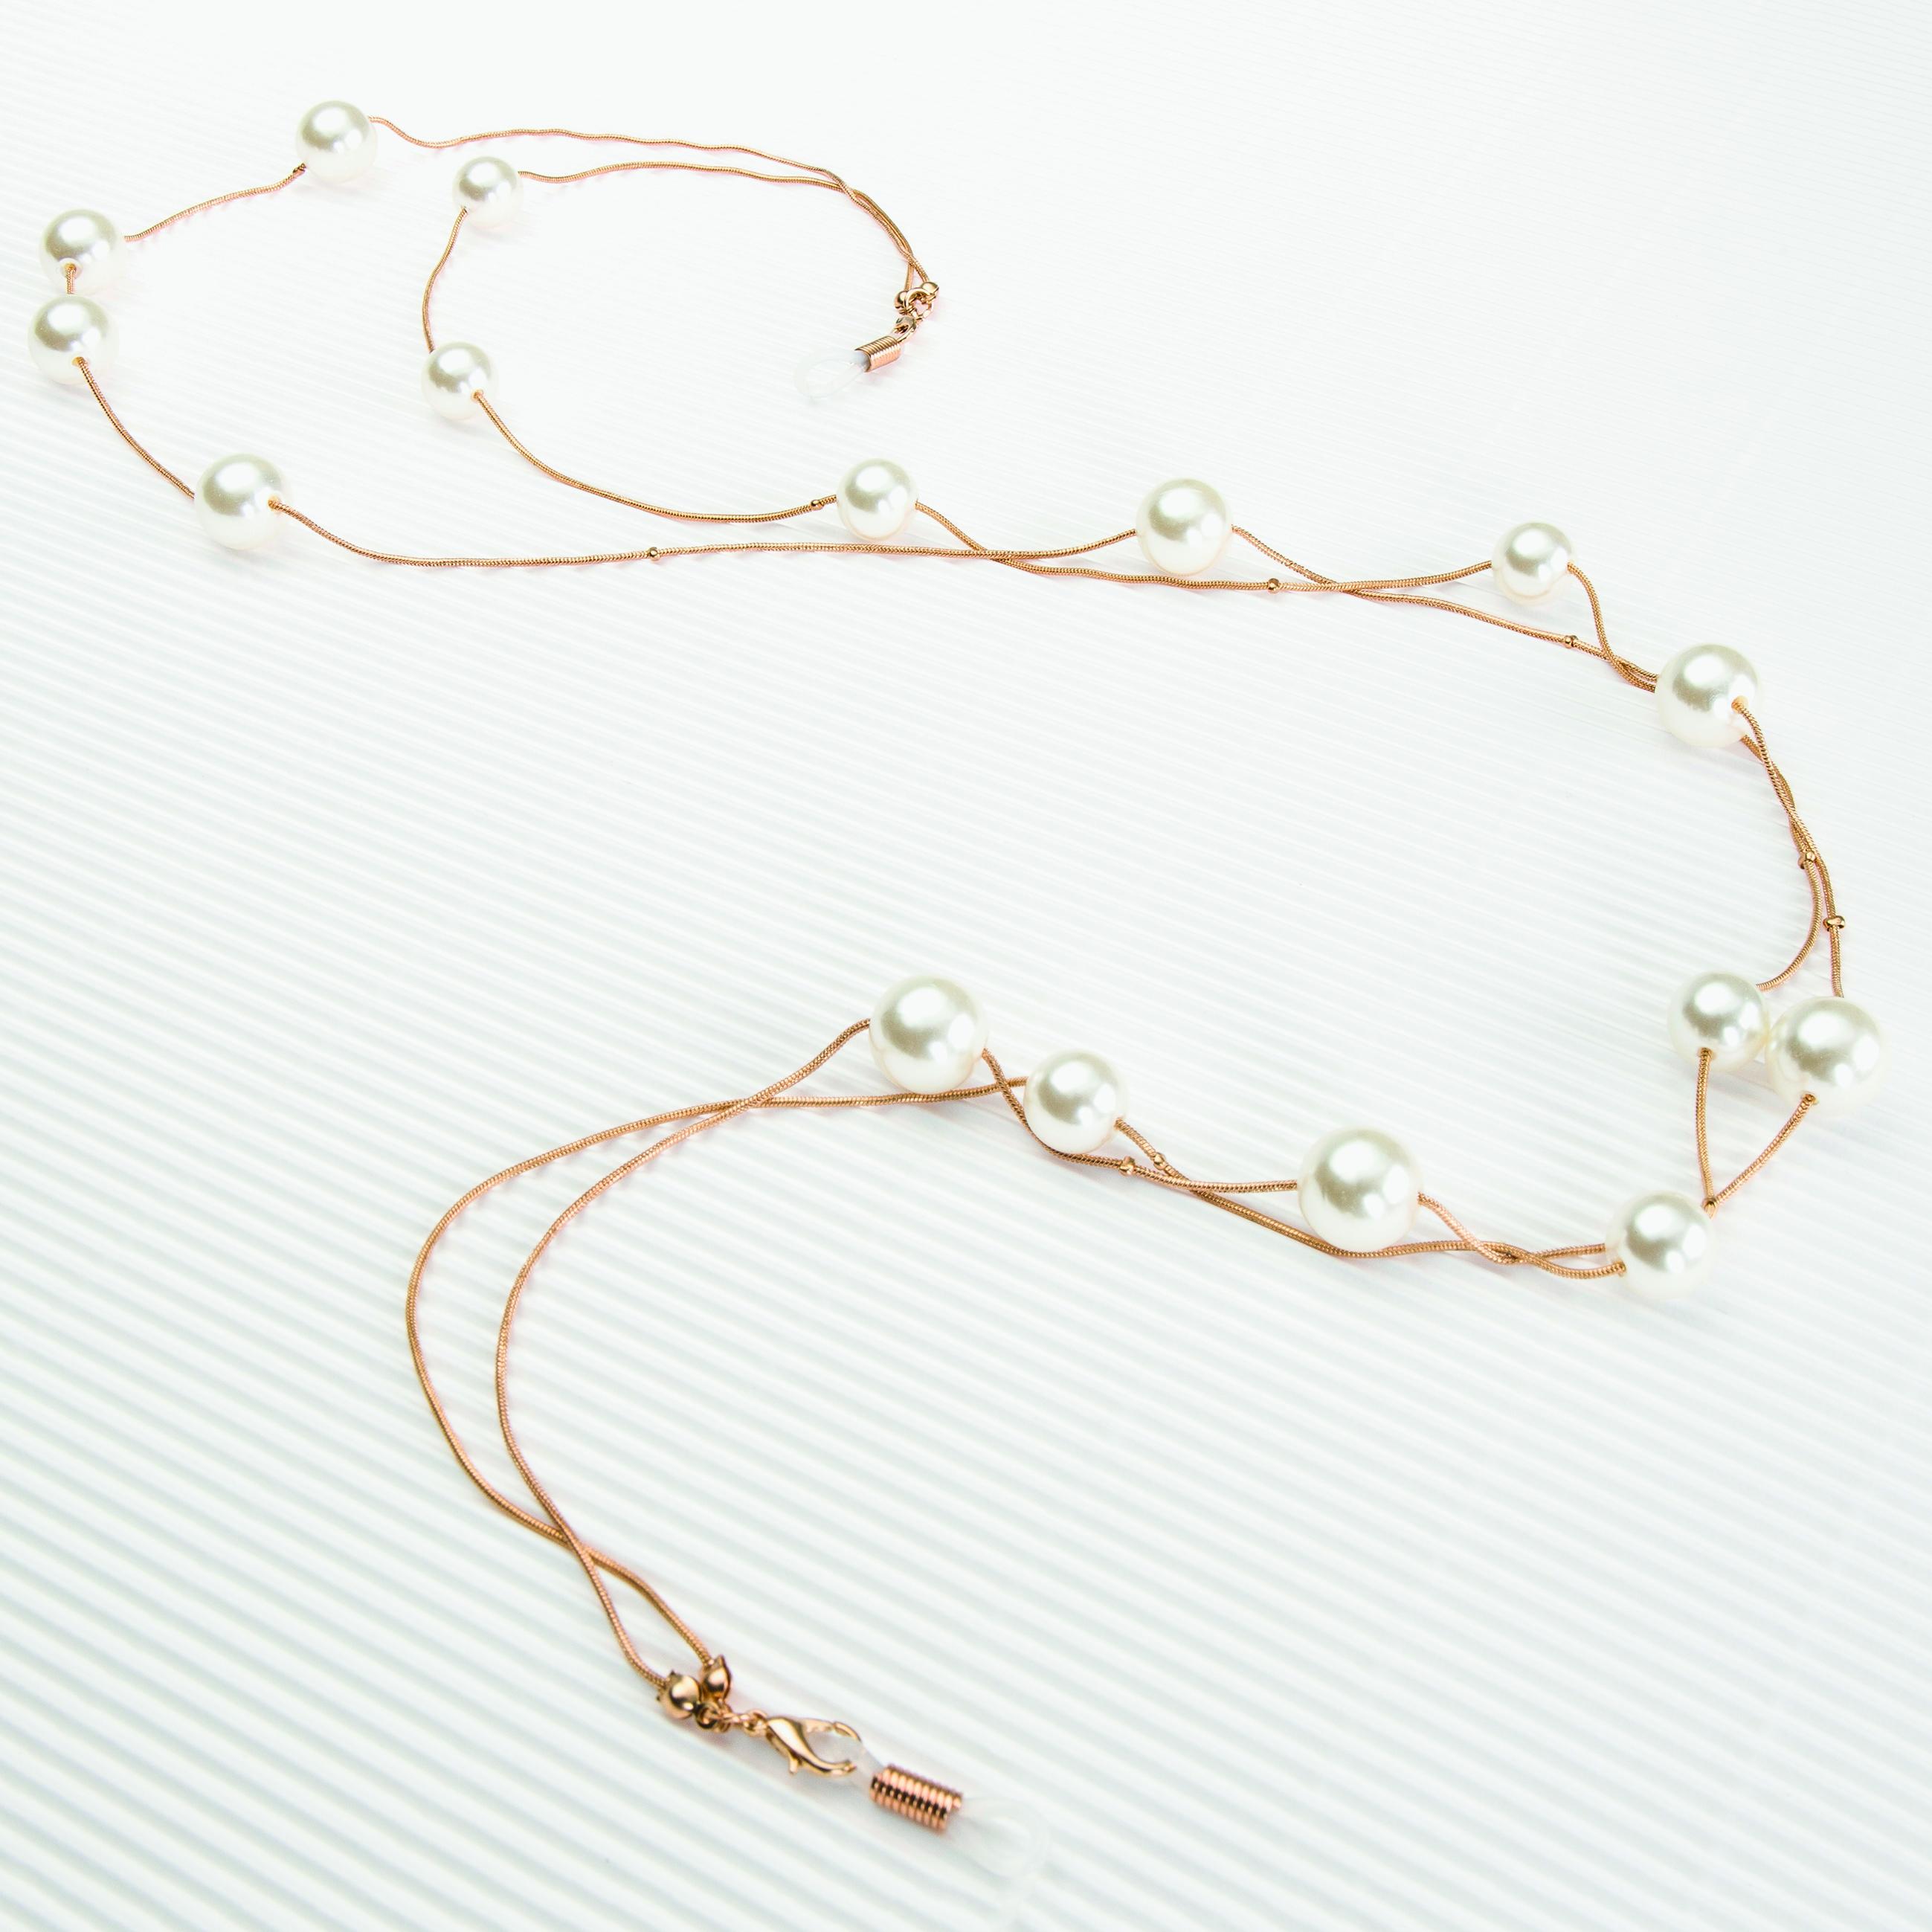 0210124-Corrente Ouro com Pérolas C/Estojo Microfibra - Contém 1 Peça  - SOB ENCOMENDA